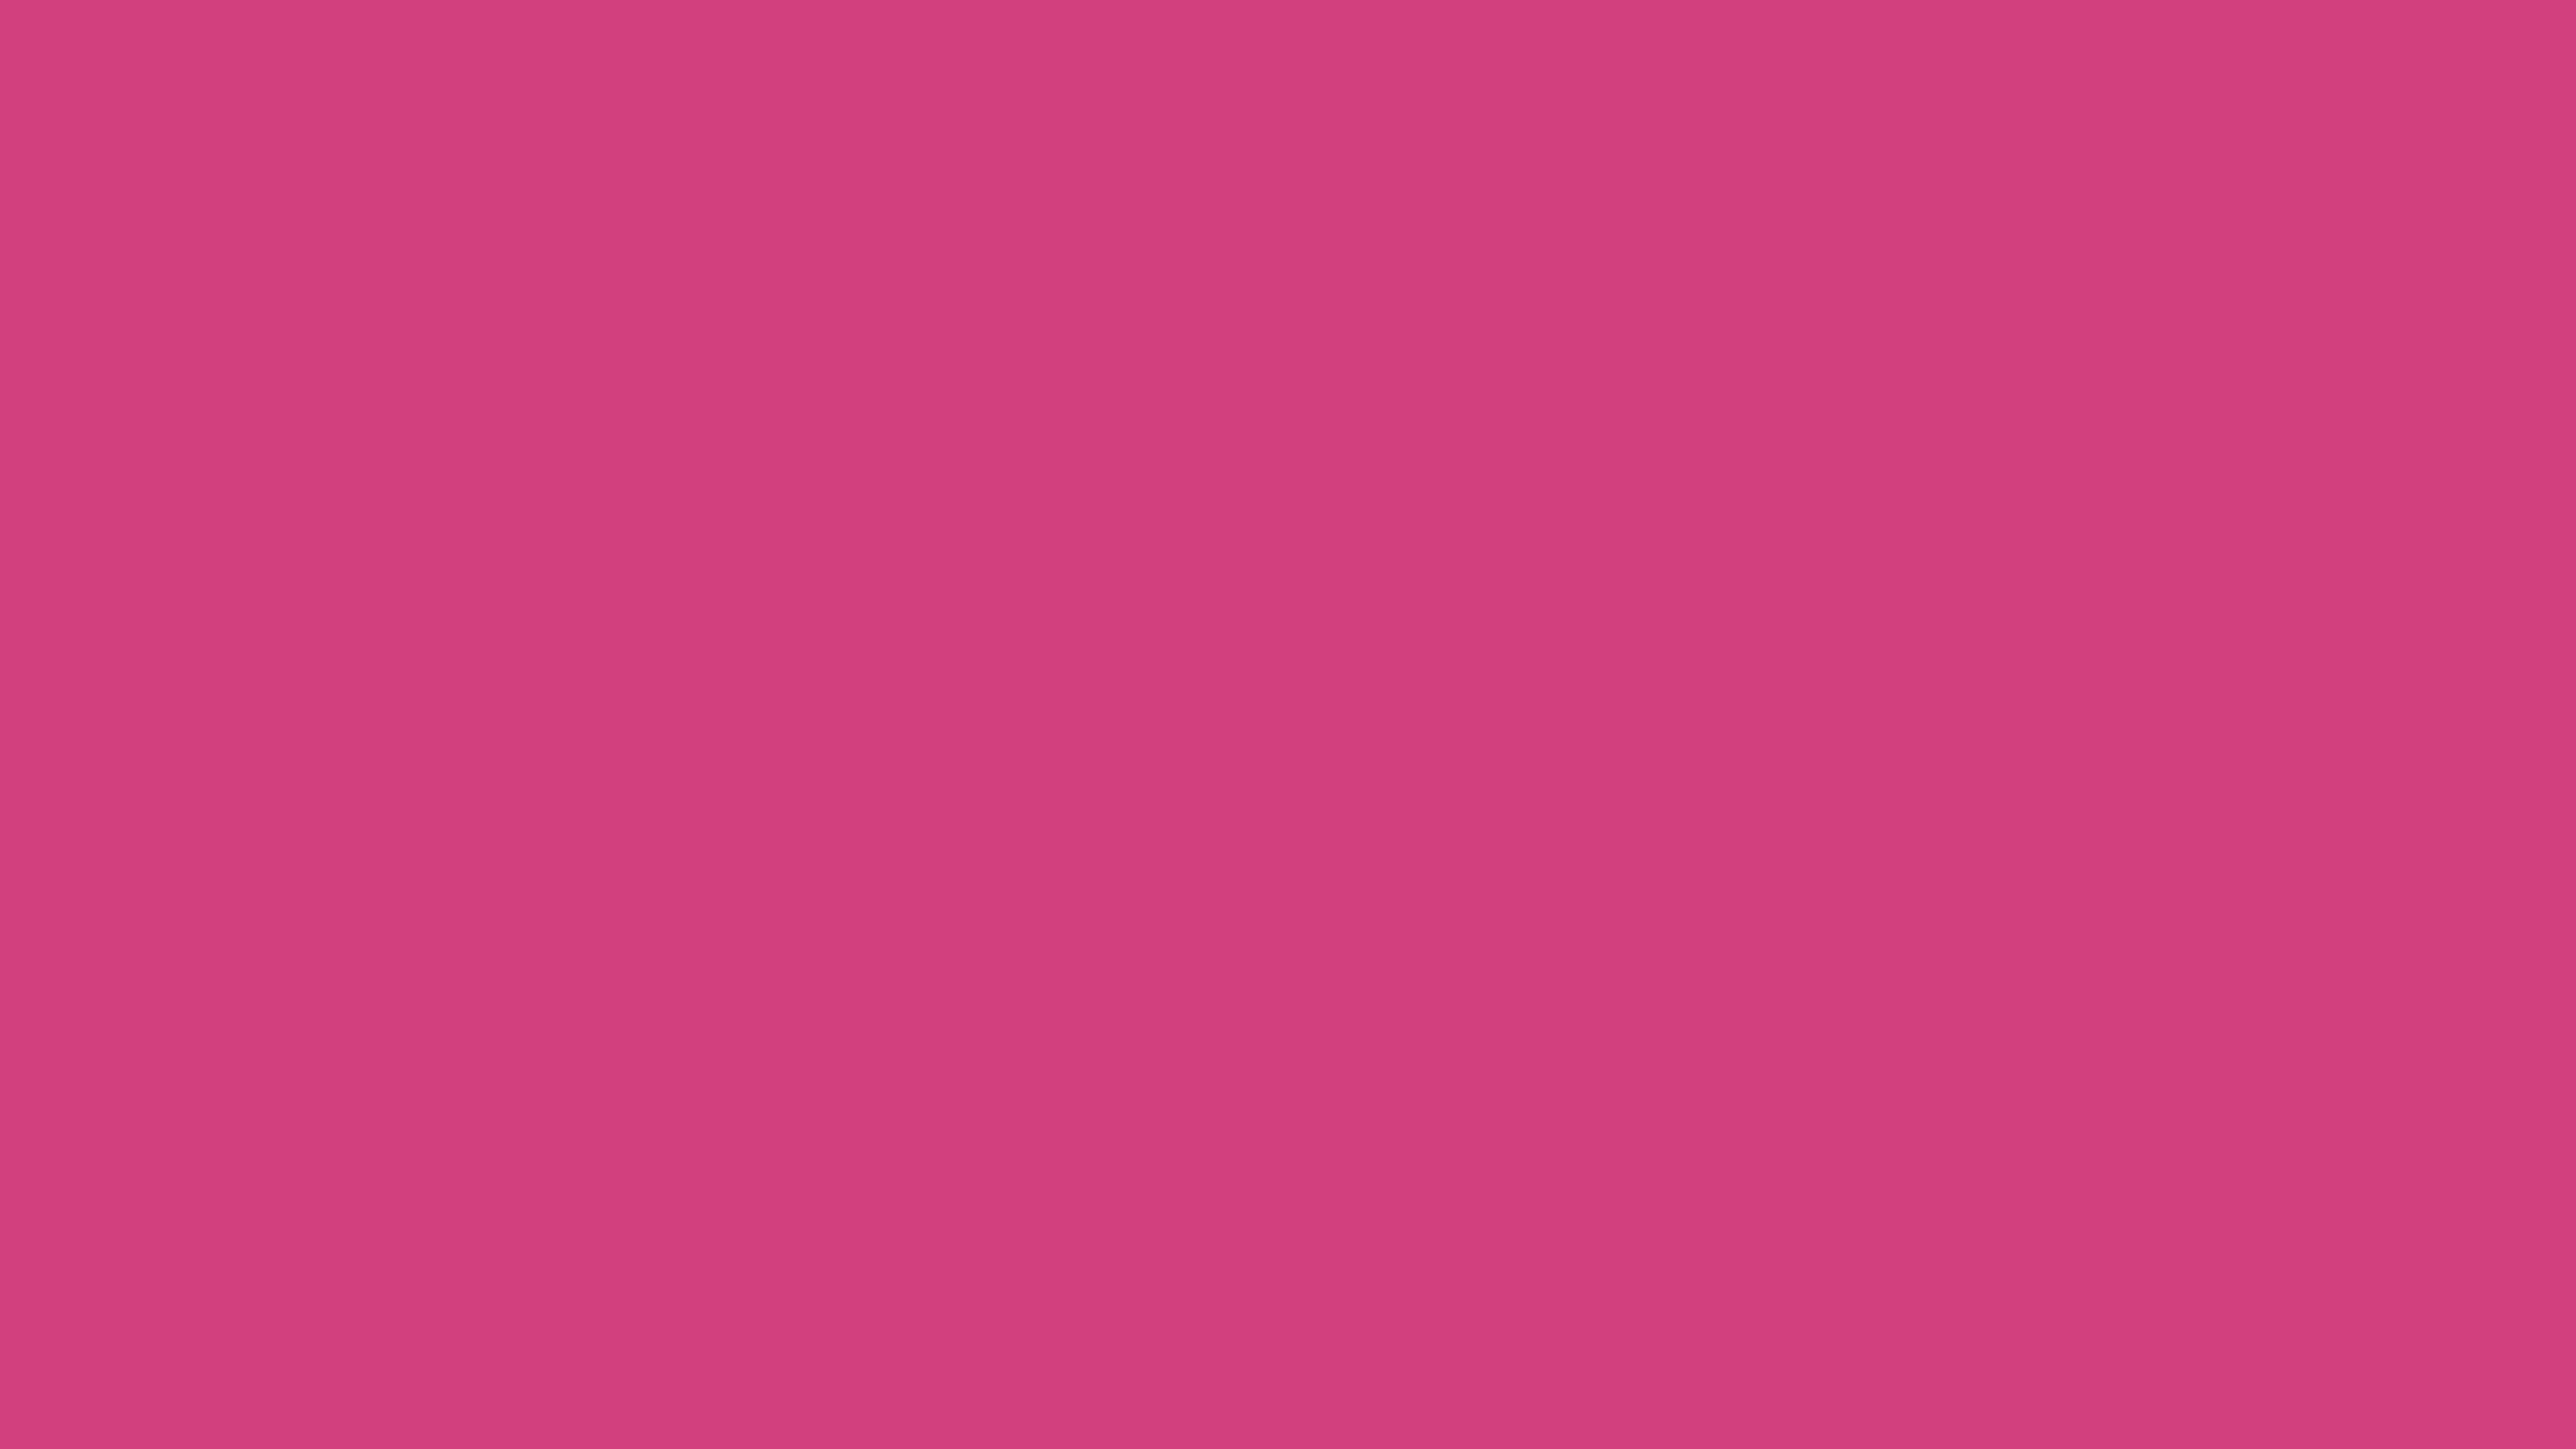 5120x2880 Magenta Pantone Solid Color Background